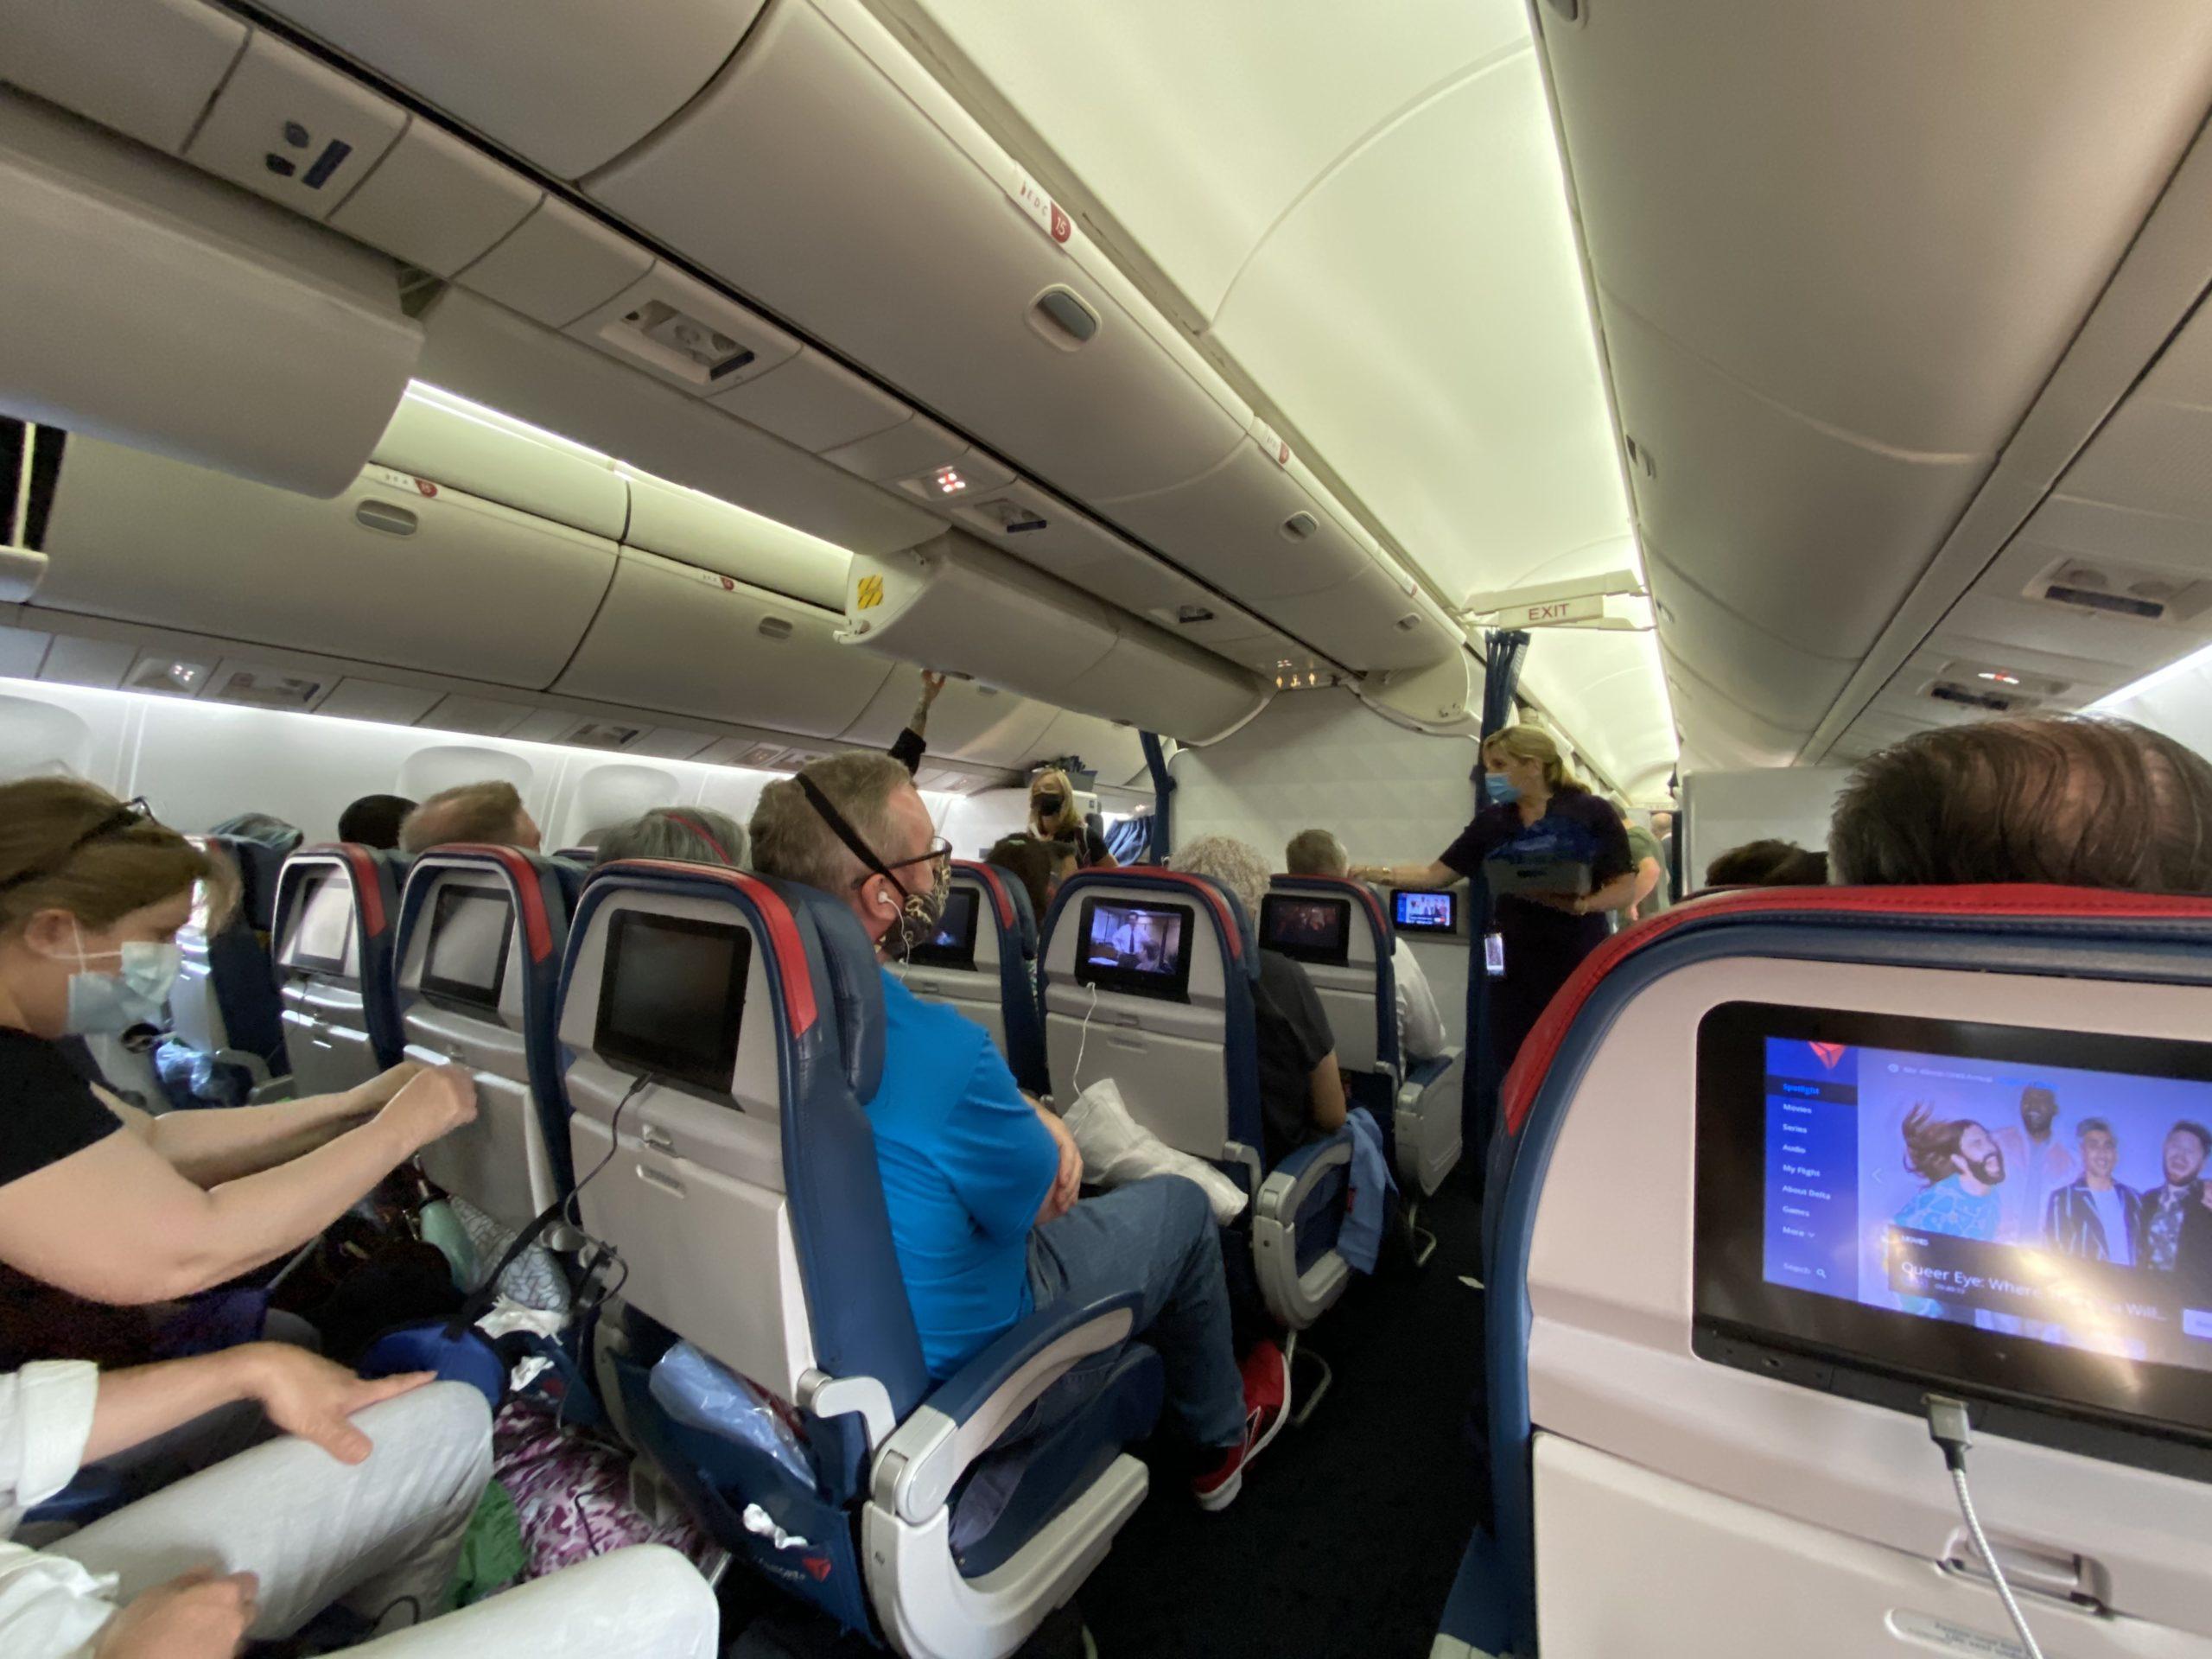 flying to europe plane full